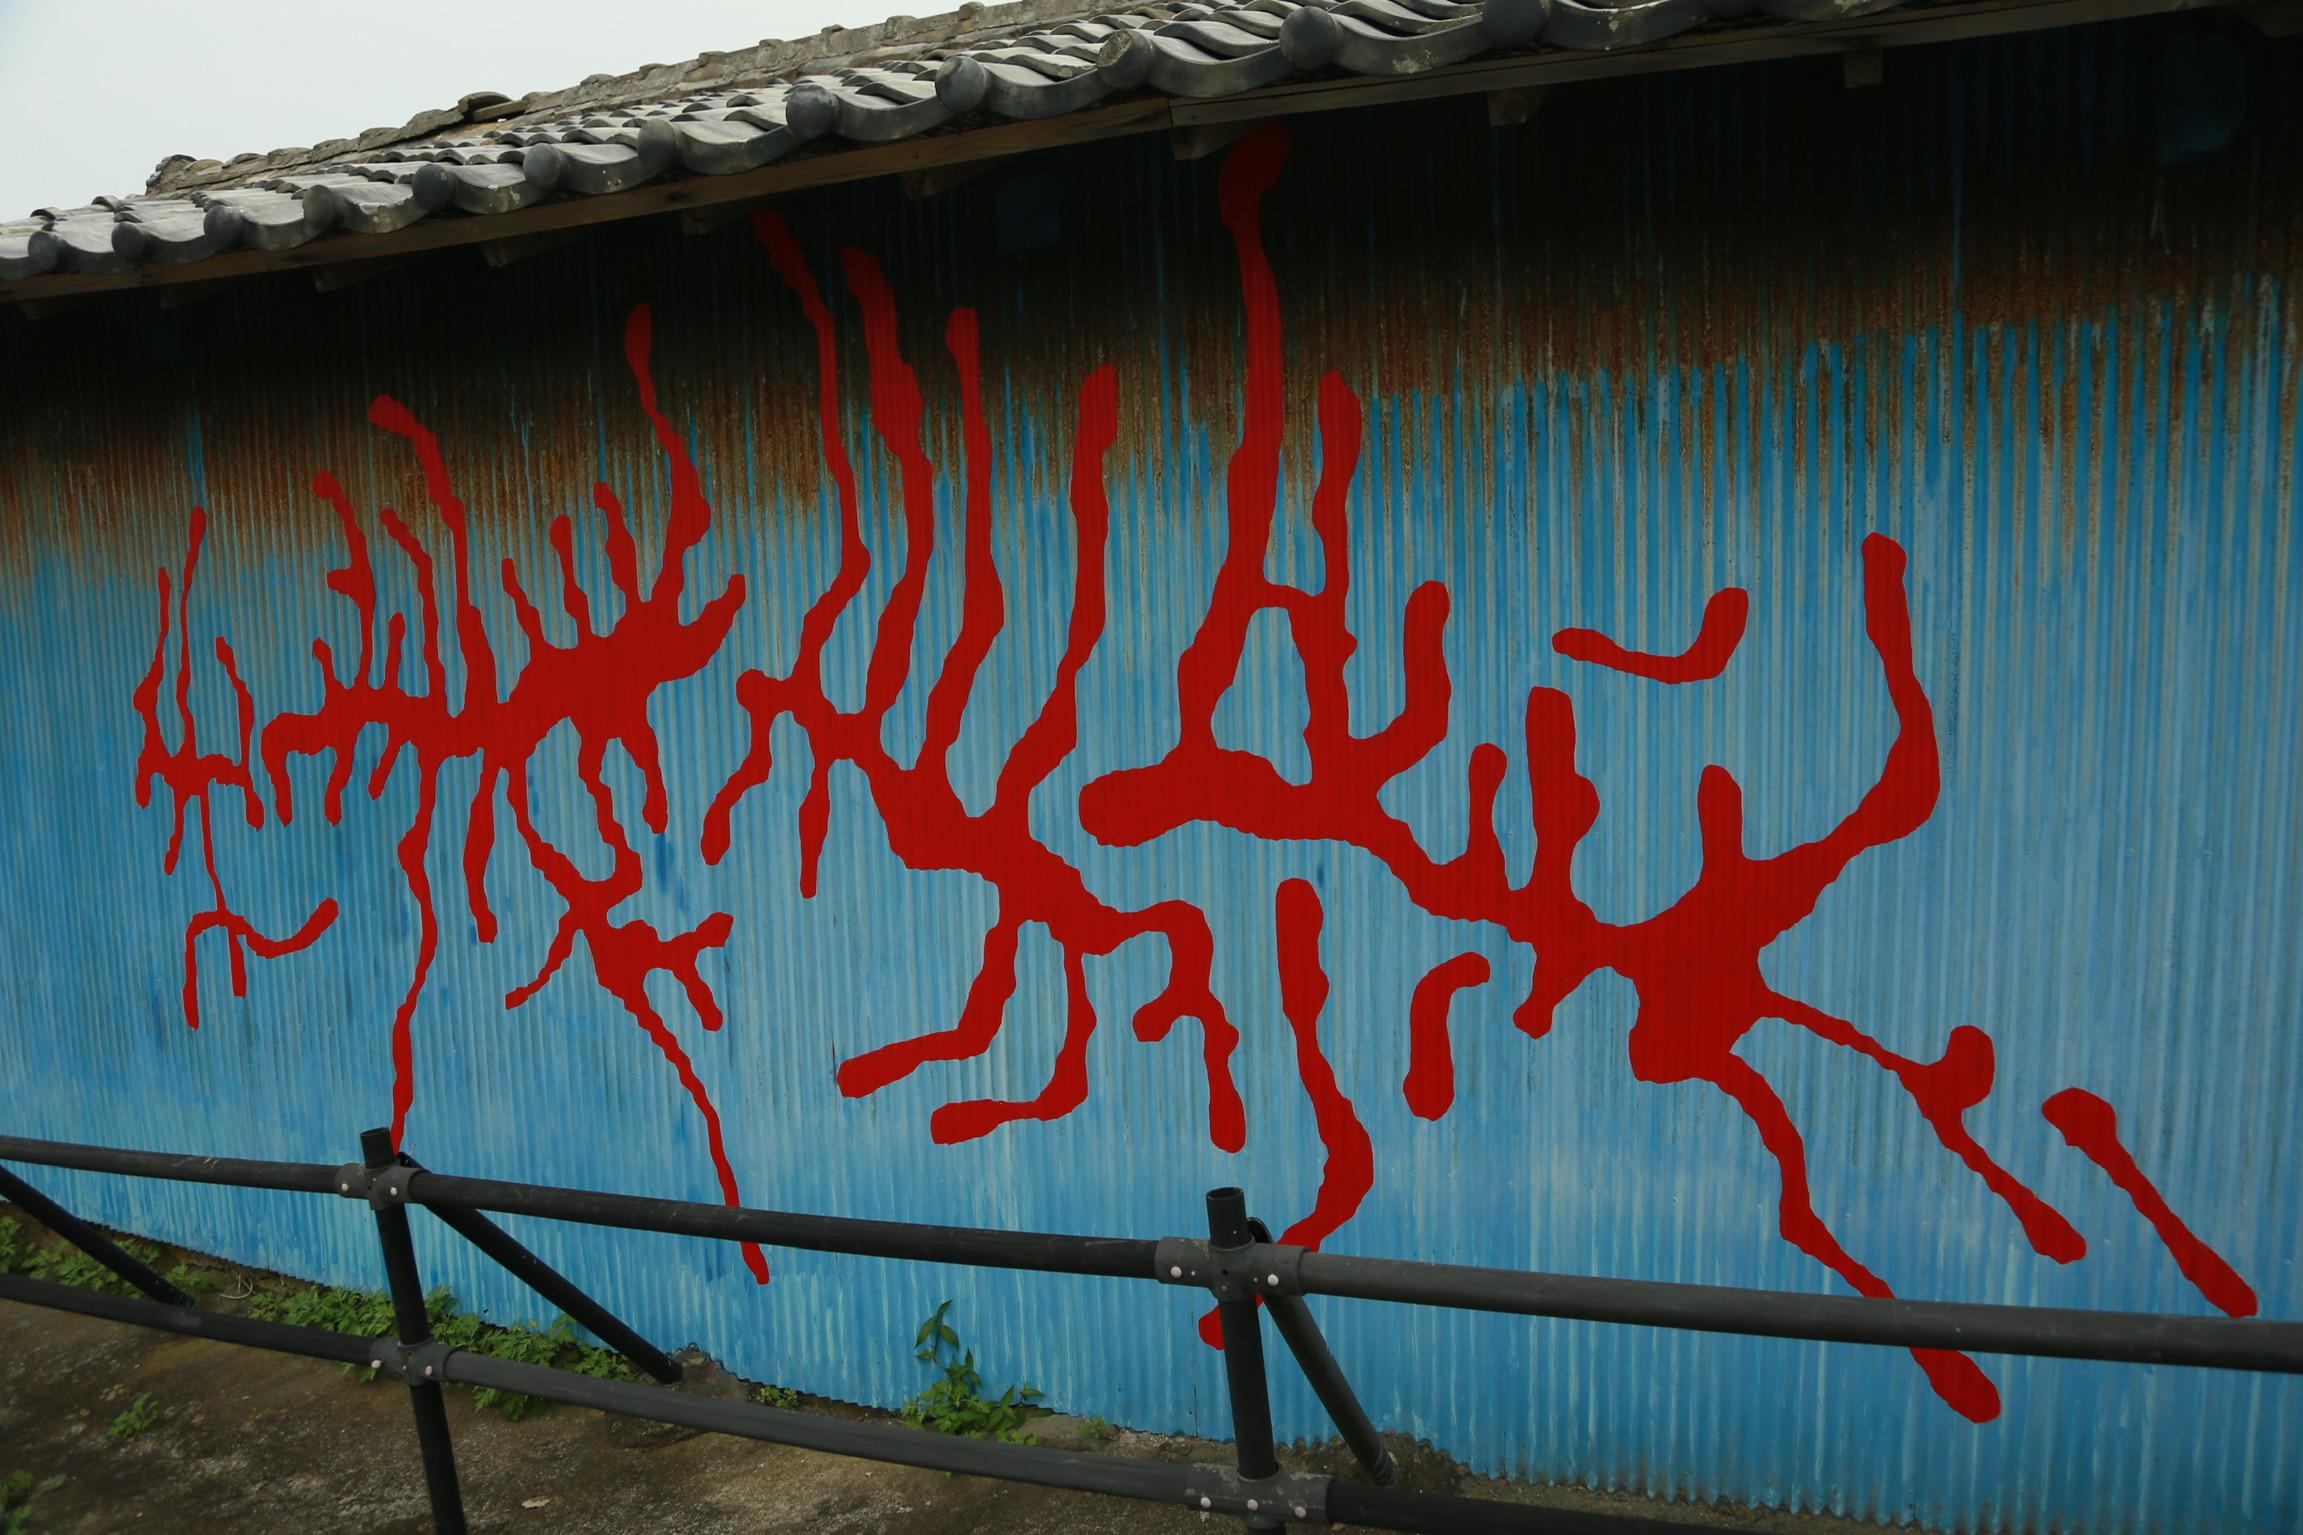 昆虫の這った跡を描いたペインティング。独特な赤色の絵の具を用いて製作されている